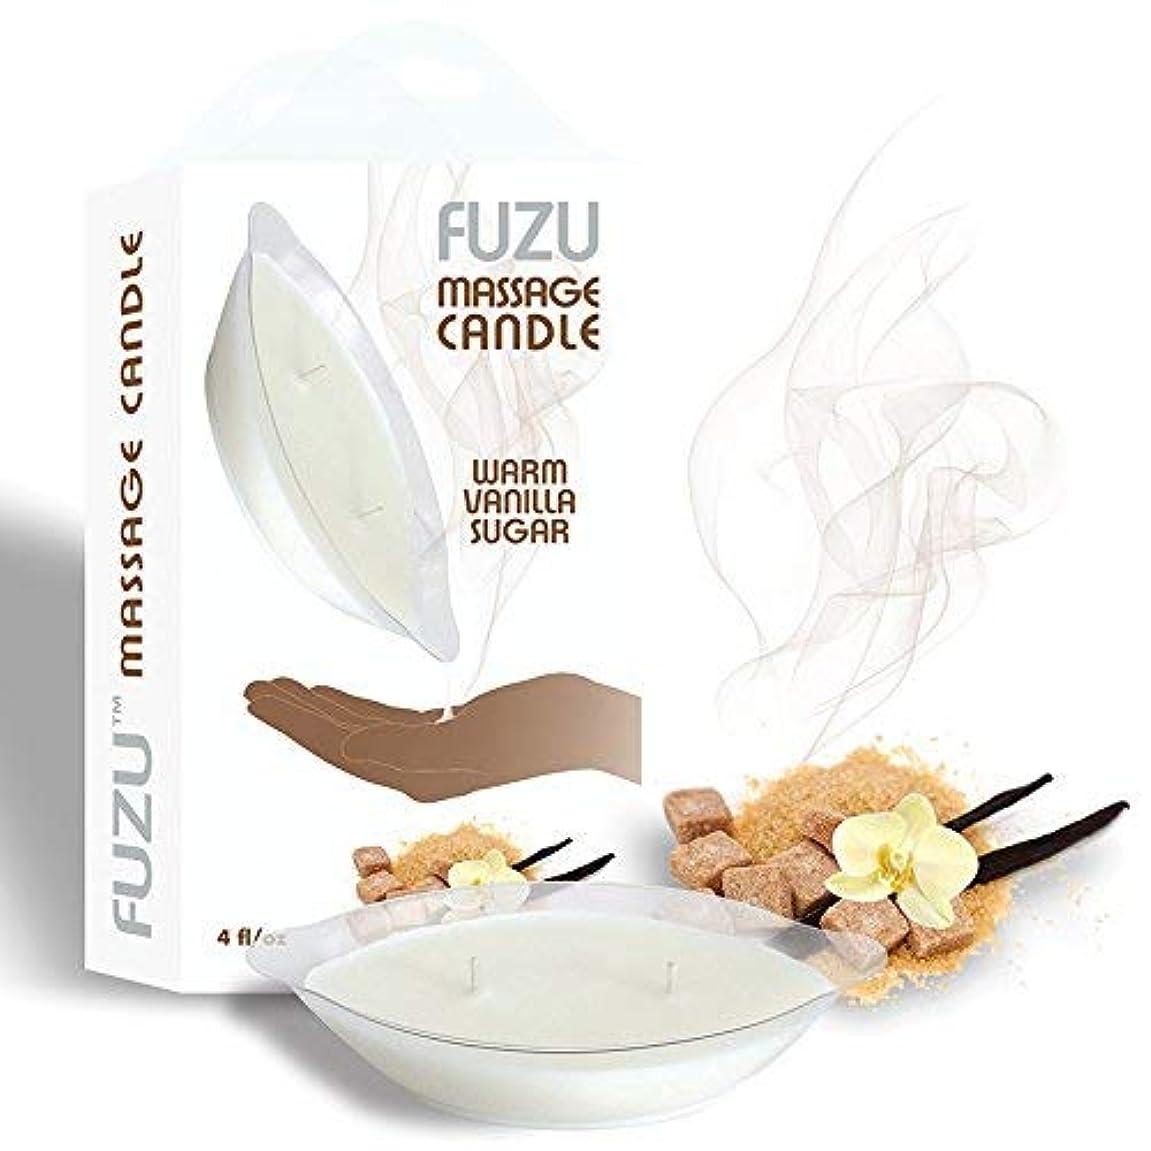 ブロック横向き効能Fuzu MCDL-Vani Massage Candle Warm 4 Oz Vanilla Sugar [並行輸入品]